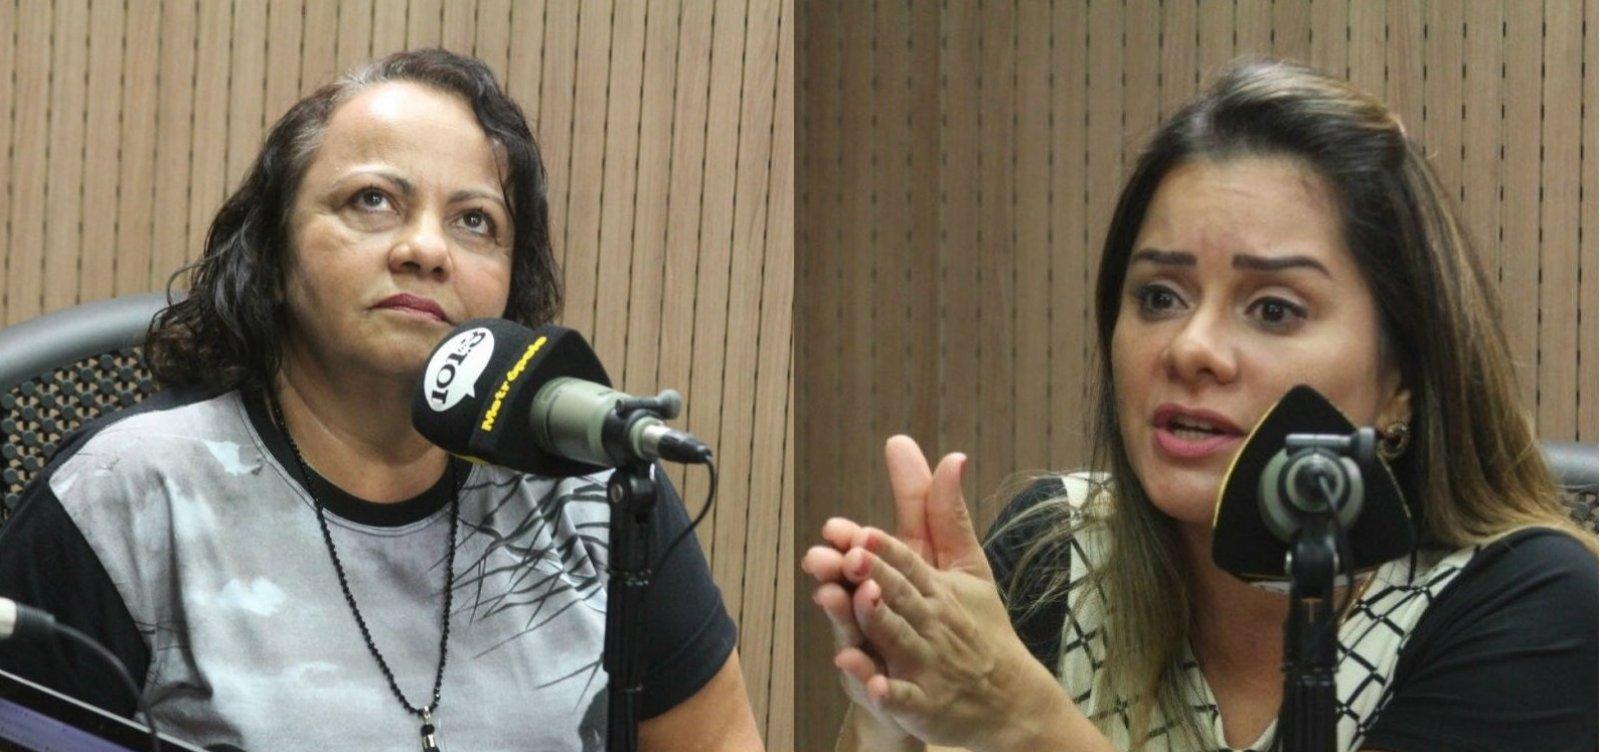 [Lorena diz que estatuto exclui evangélicos e Aladilce rebate: 'Não foram alvo de perseguição']